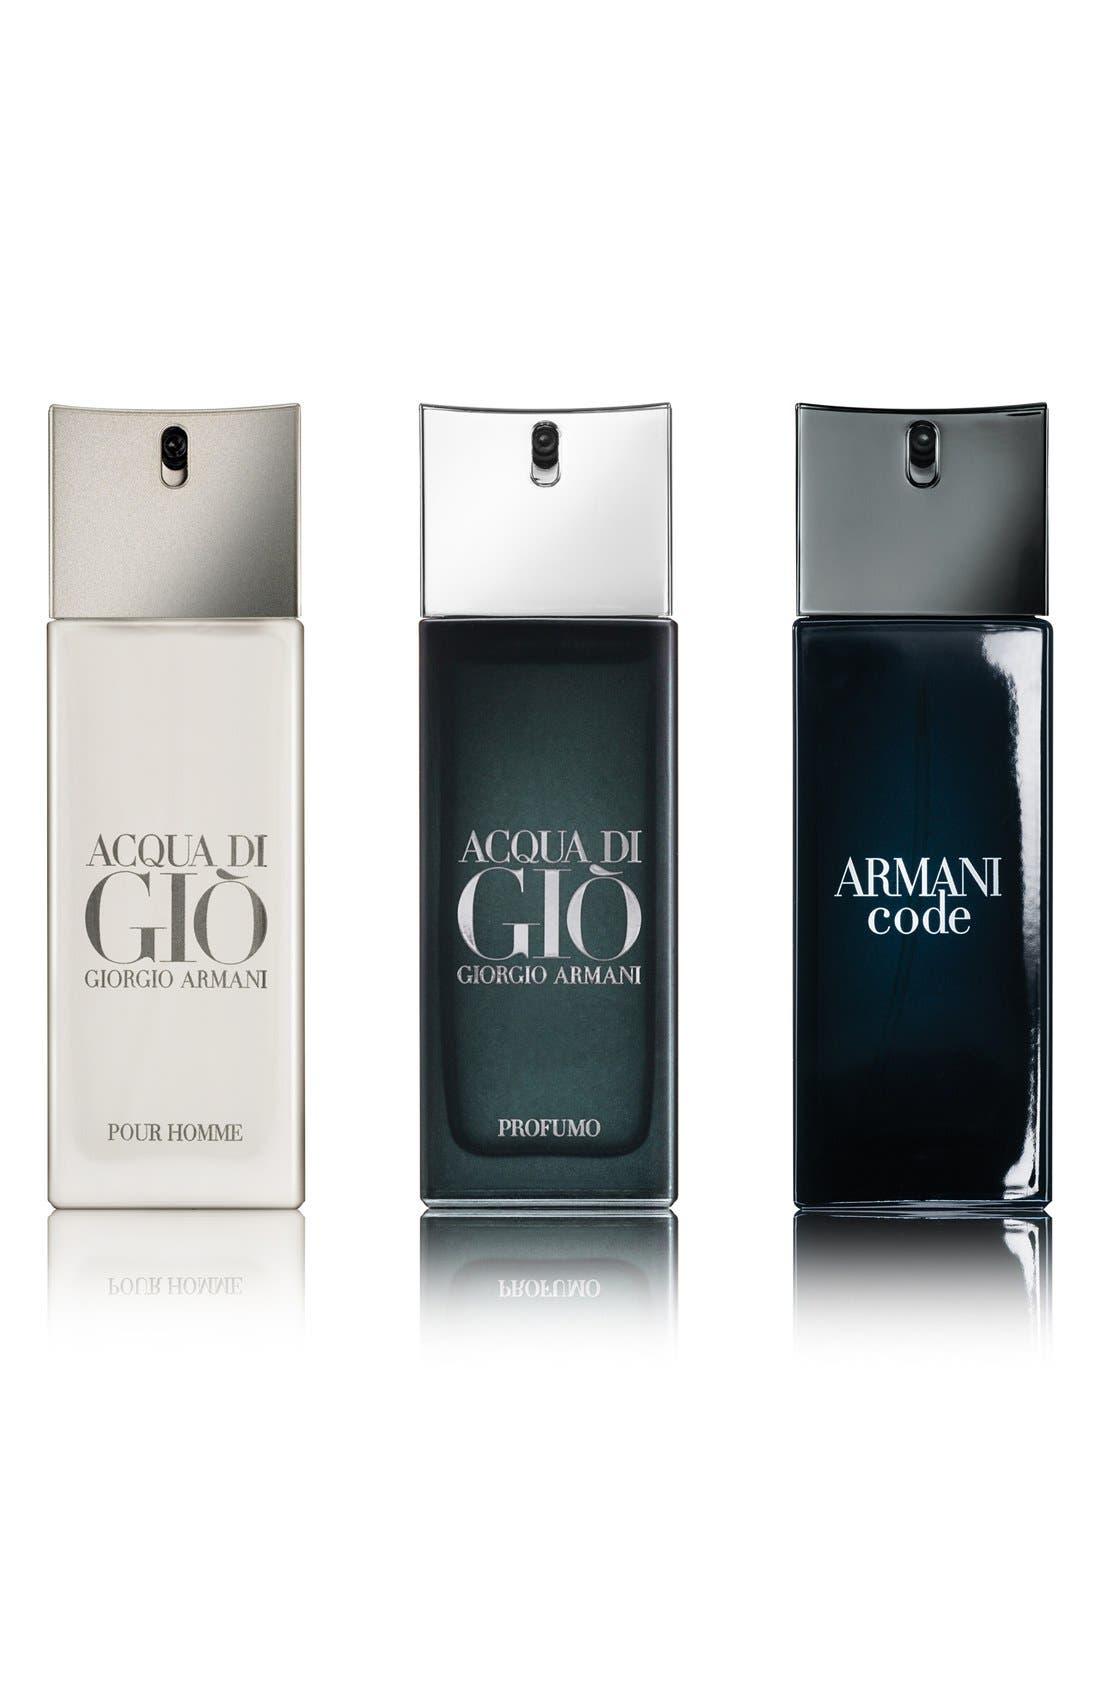 Giorgio Armani Men's Travel Spray Trio ($115 Value)